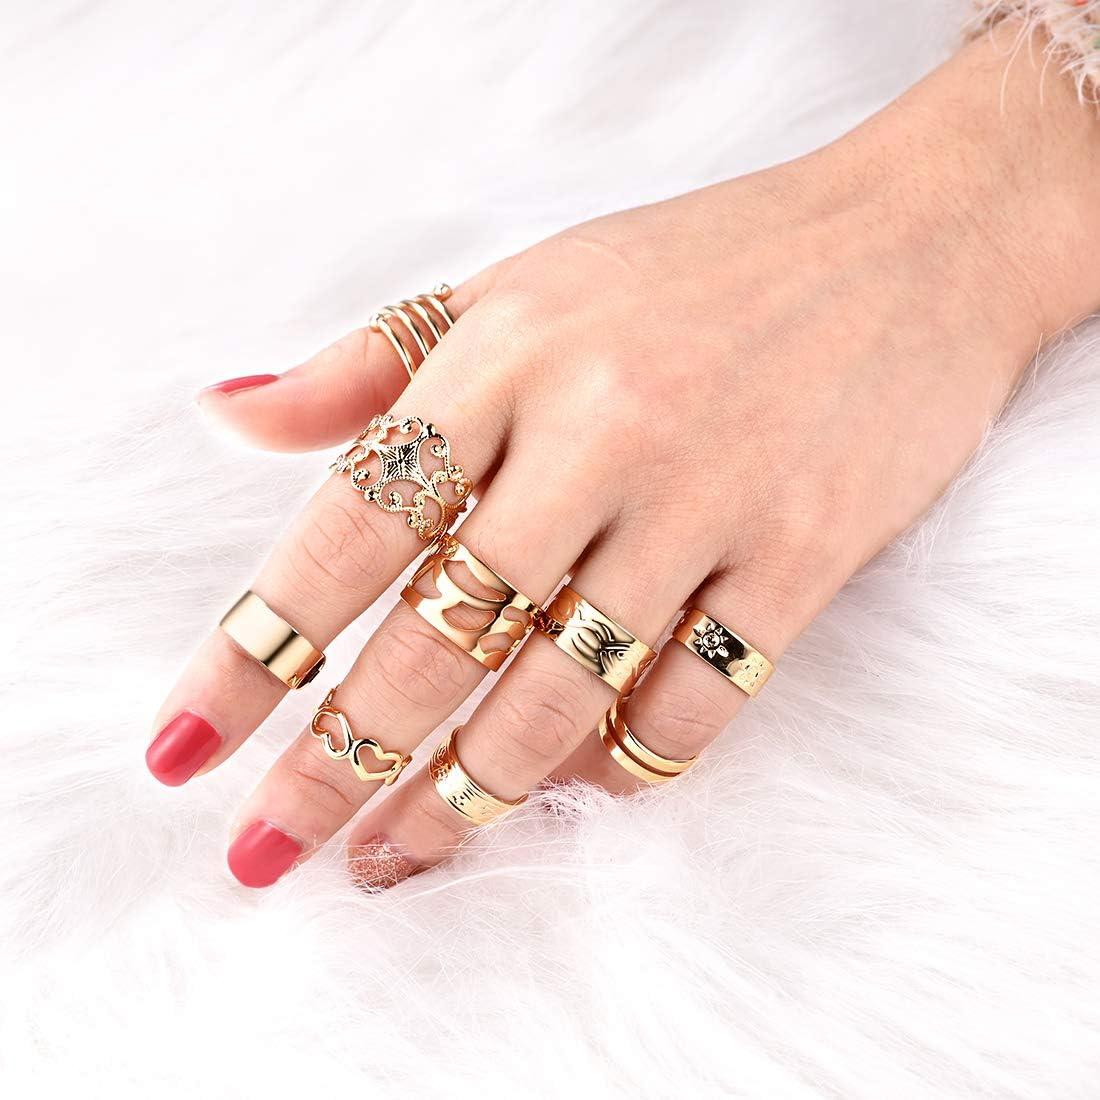 U7 9PCS Bague Phalange Femme Plaqu/é Or 18K Anneau Ouverte Empilable Knuckle Midi Ring Set Bijoux Vintage Fantaisie Style Boh/émien Cadeau Anniversaire F/êtes